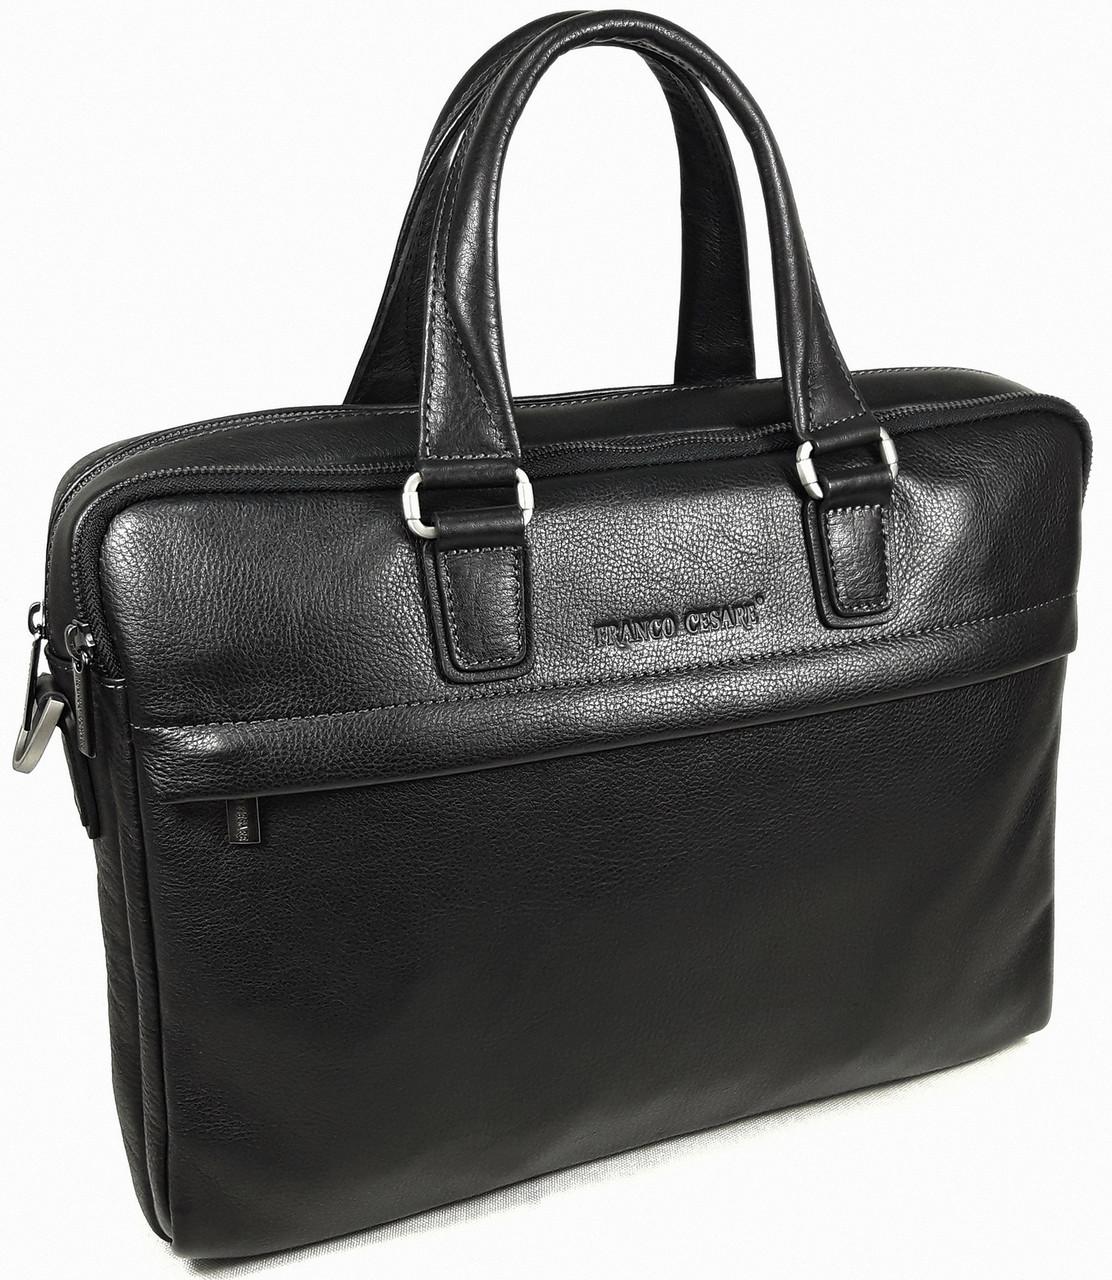 Портфель деловой кожаный черный FC-0118-L1 бренда FRANCO CESARE